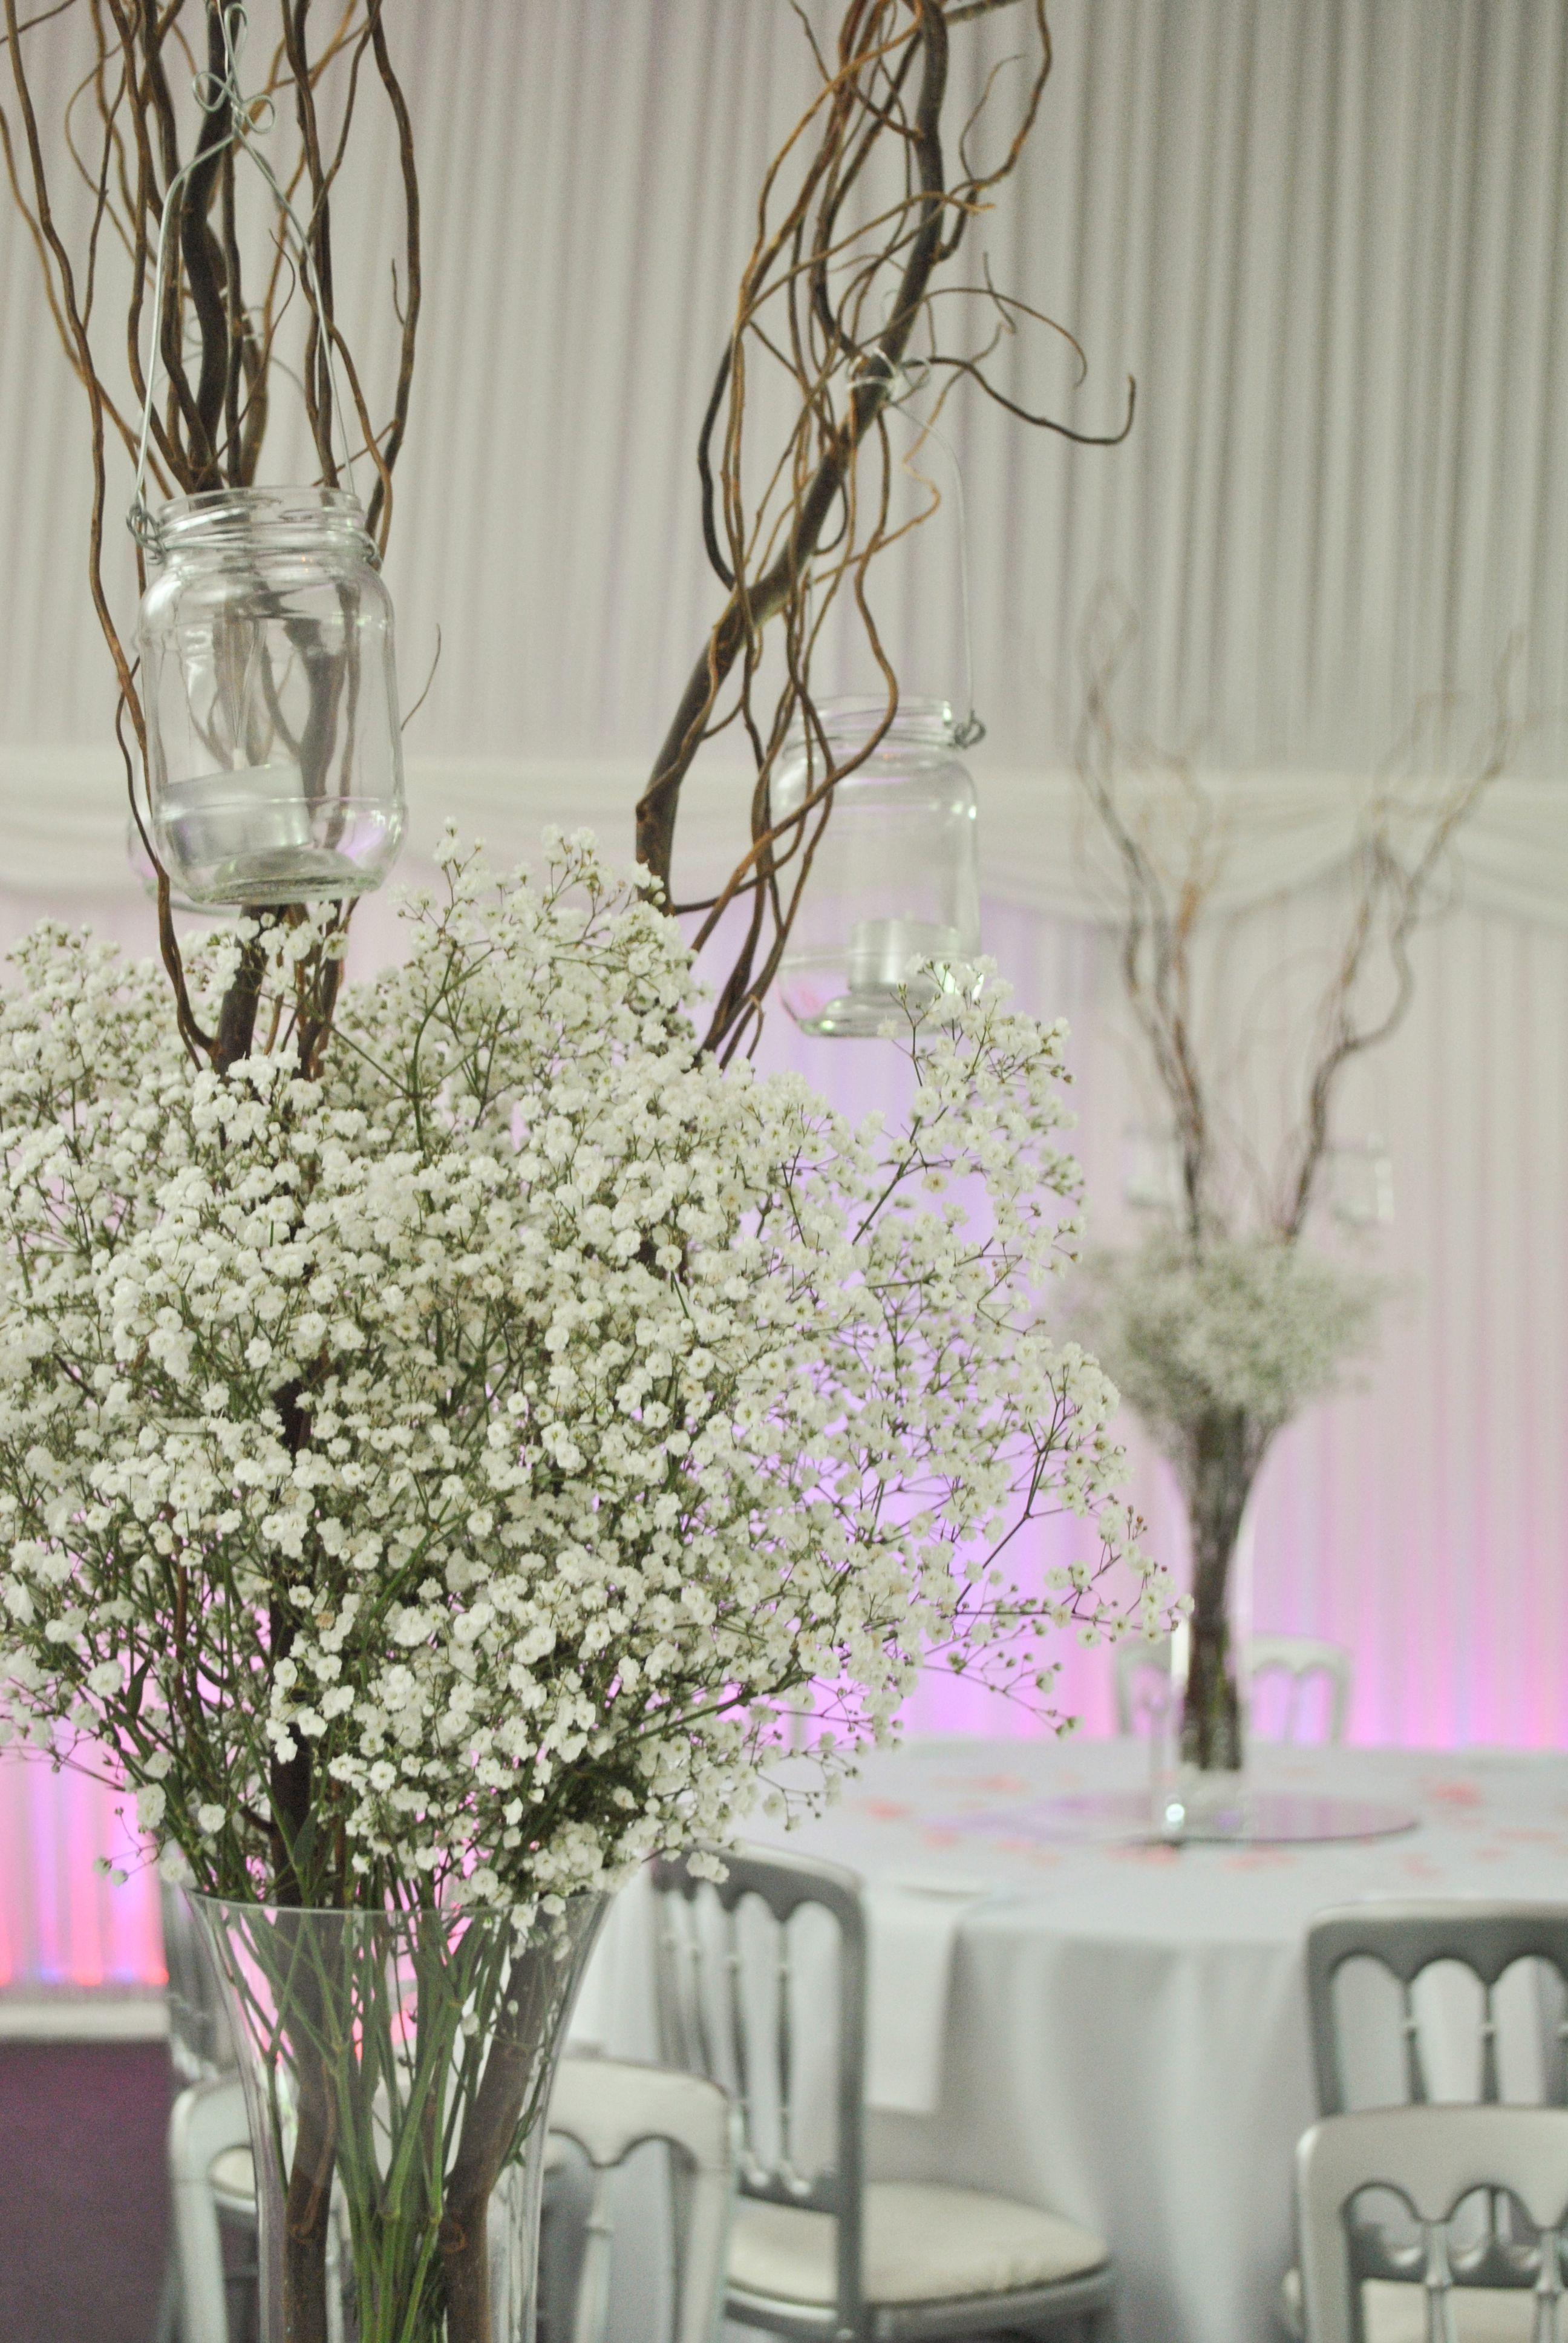 Branche arbre decoration mariage affordable des signes dempreintes digitales de peinture sur - Branche arbre decoration ...